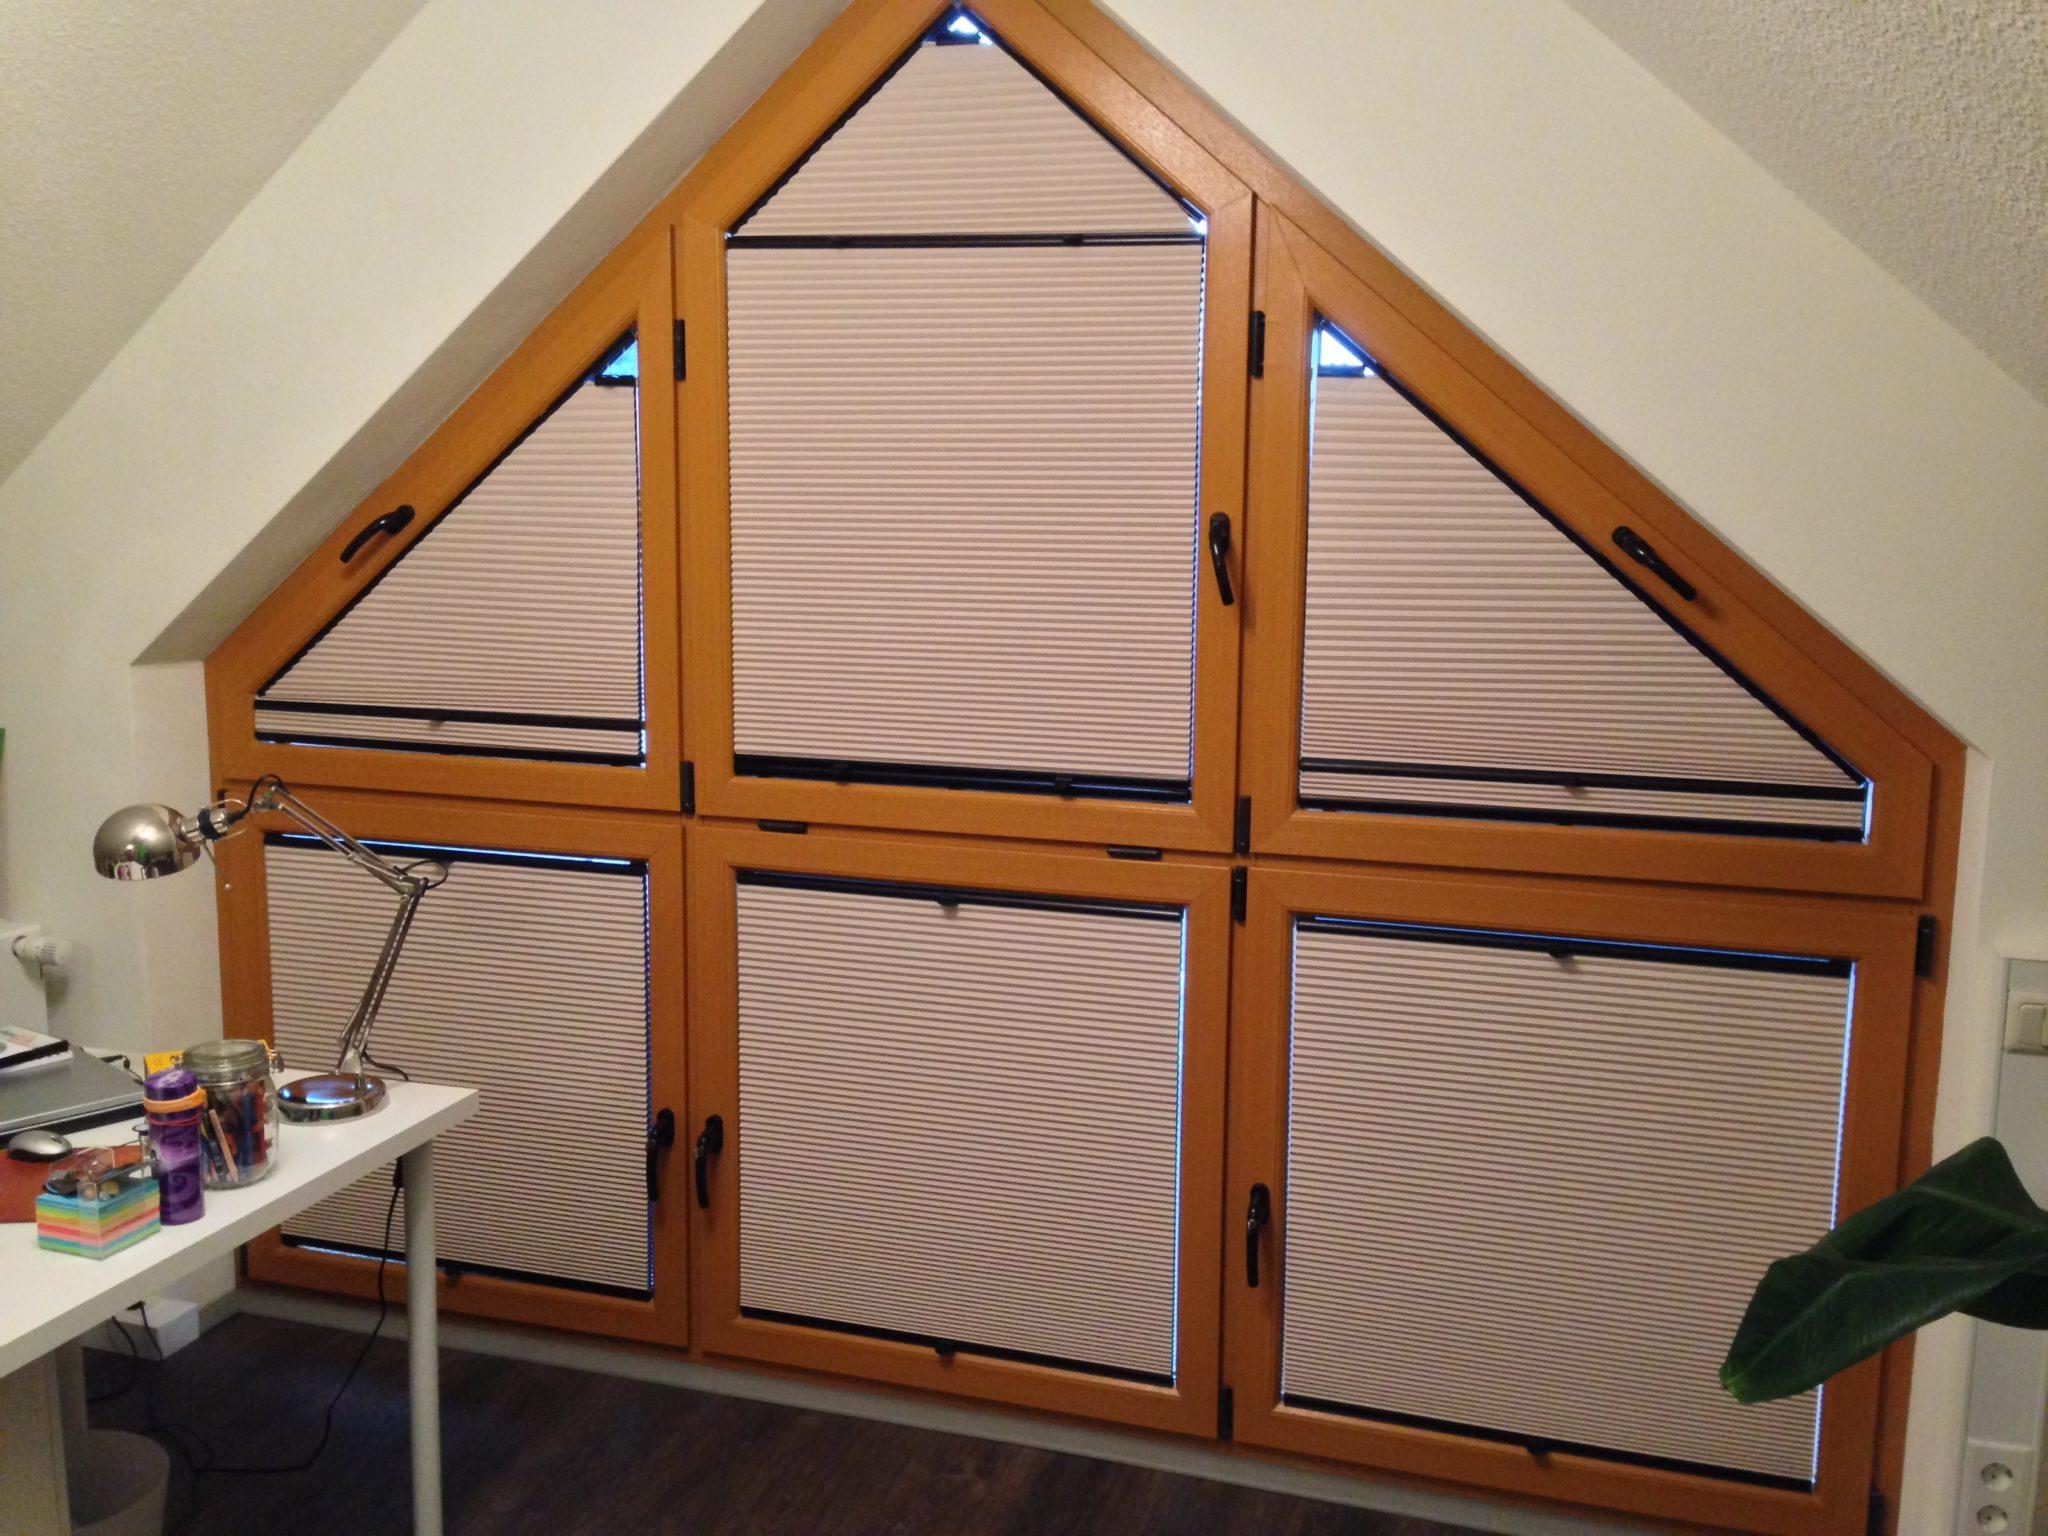 sonnenschutz trebes raumausstattung und inneneinrichtung. Black Bedroom Furniture Sets. Home Design Ideas